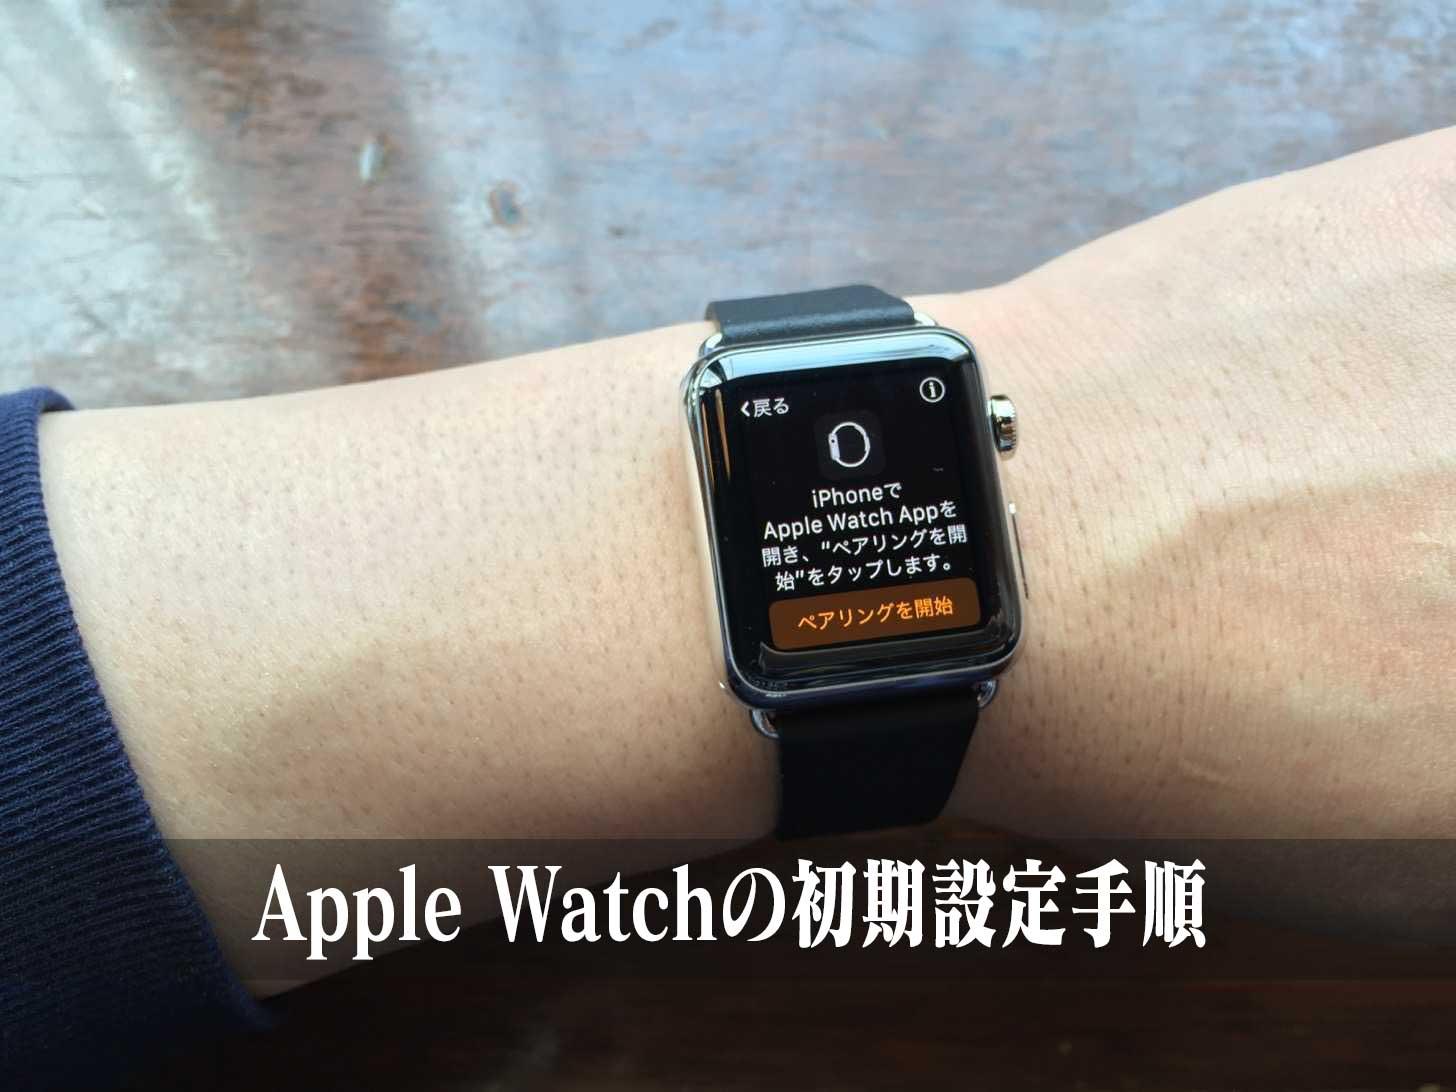 Apple Watchの初期設定手順。【使い方】